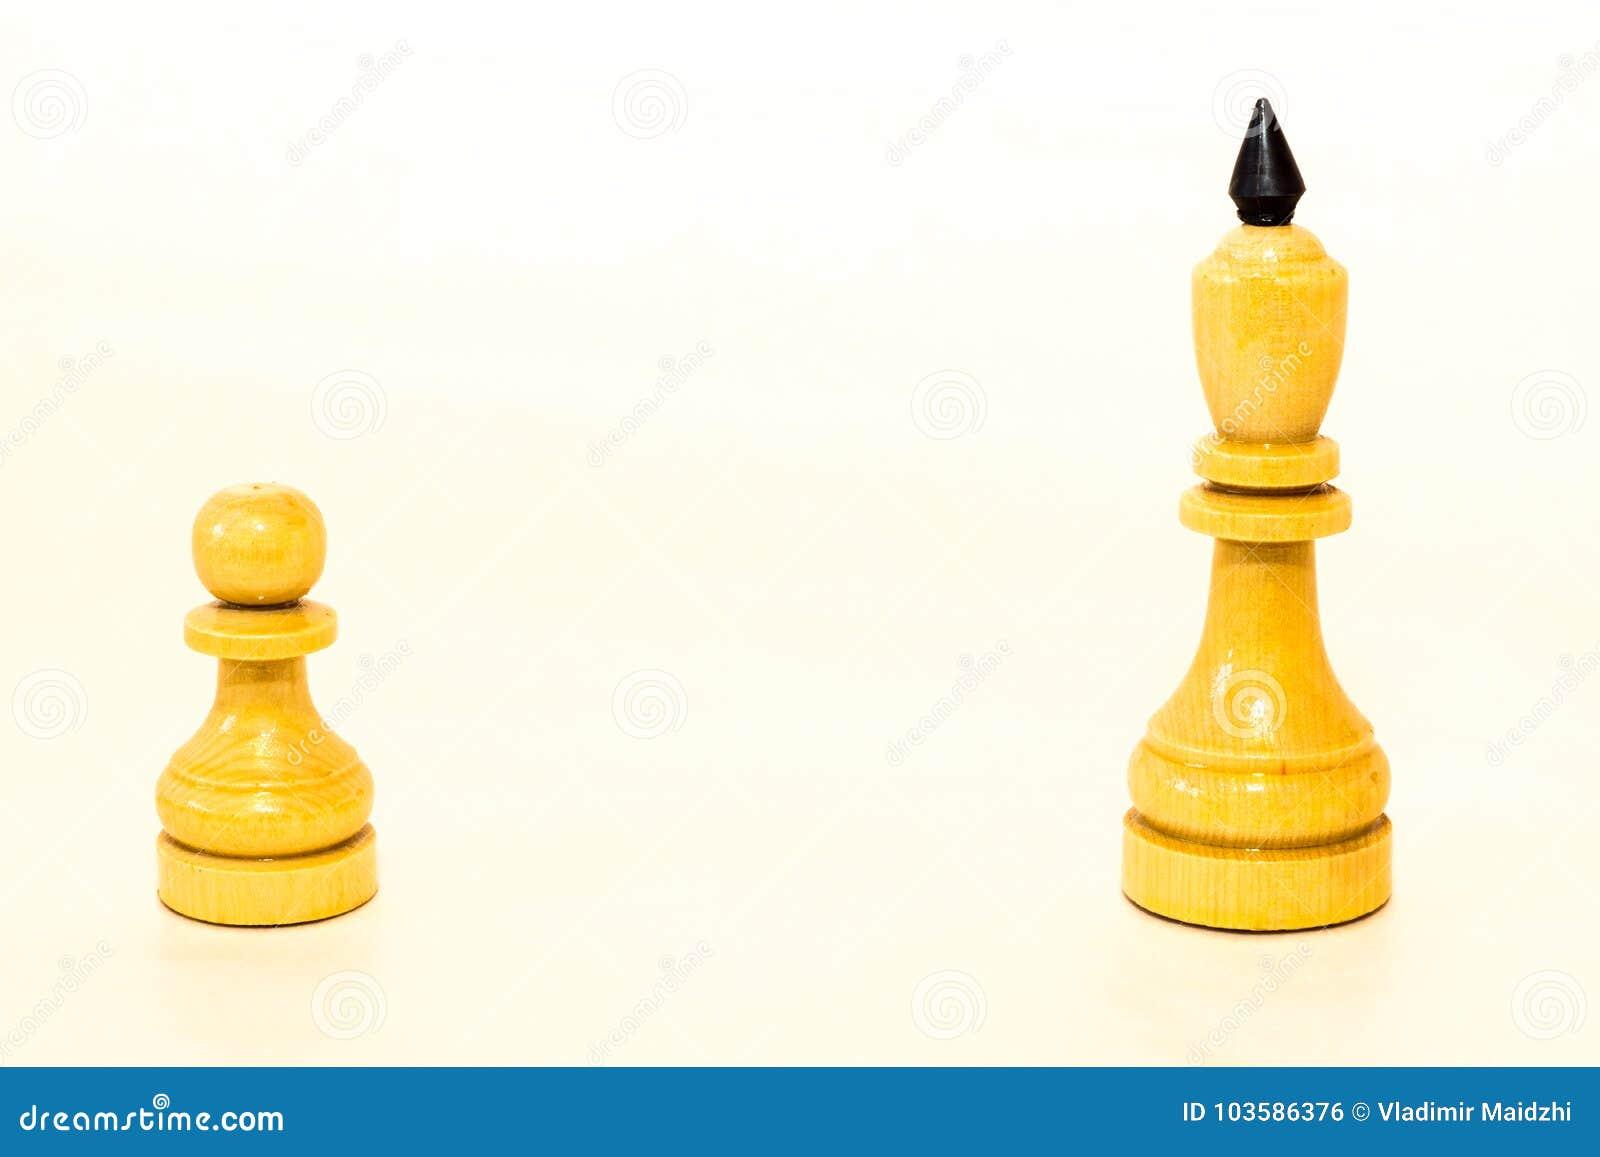 Biały szachowy pionek i królewiątko